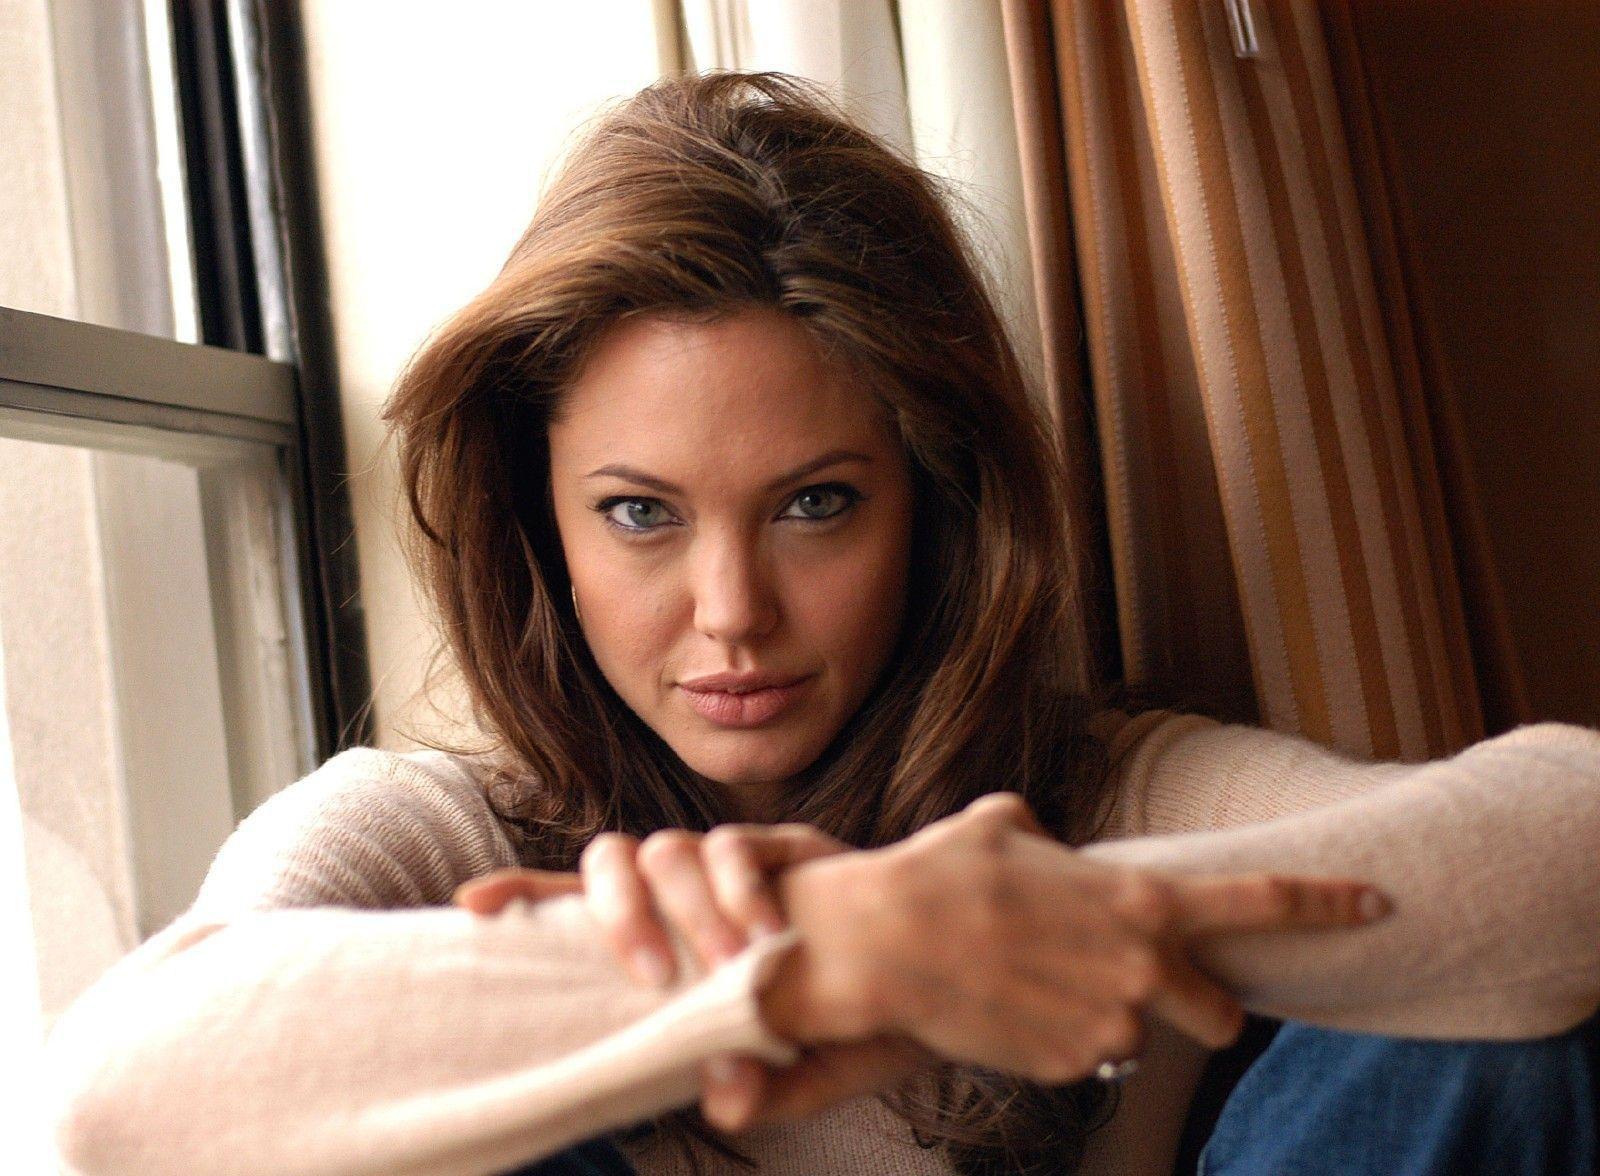 Angelina Jolie Portrait Wallpapers Wallpaper Hd Celebrities